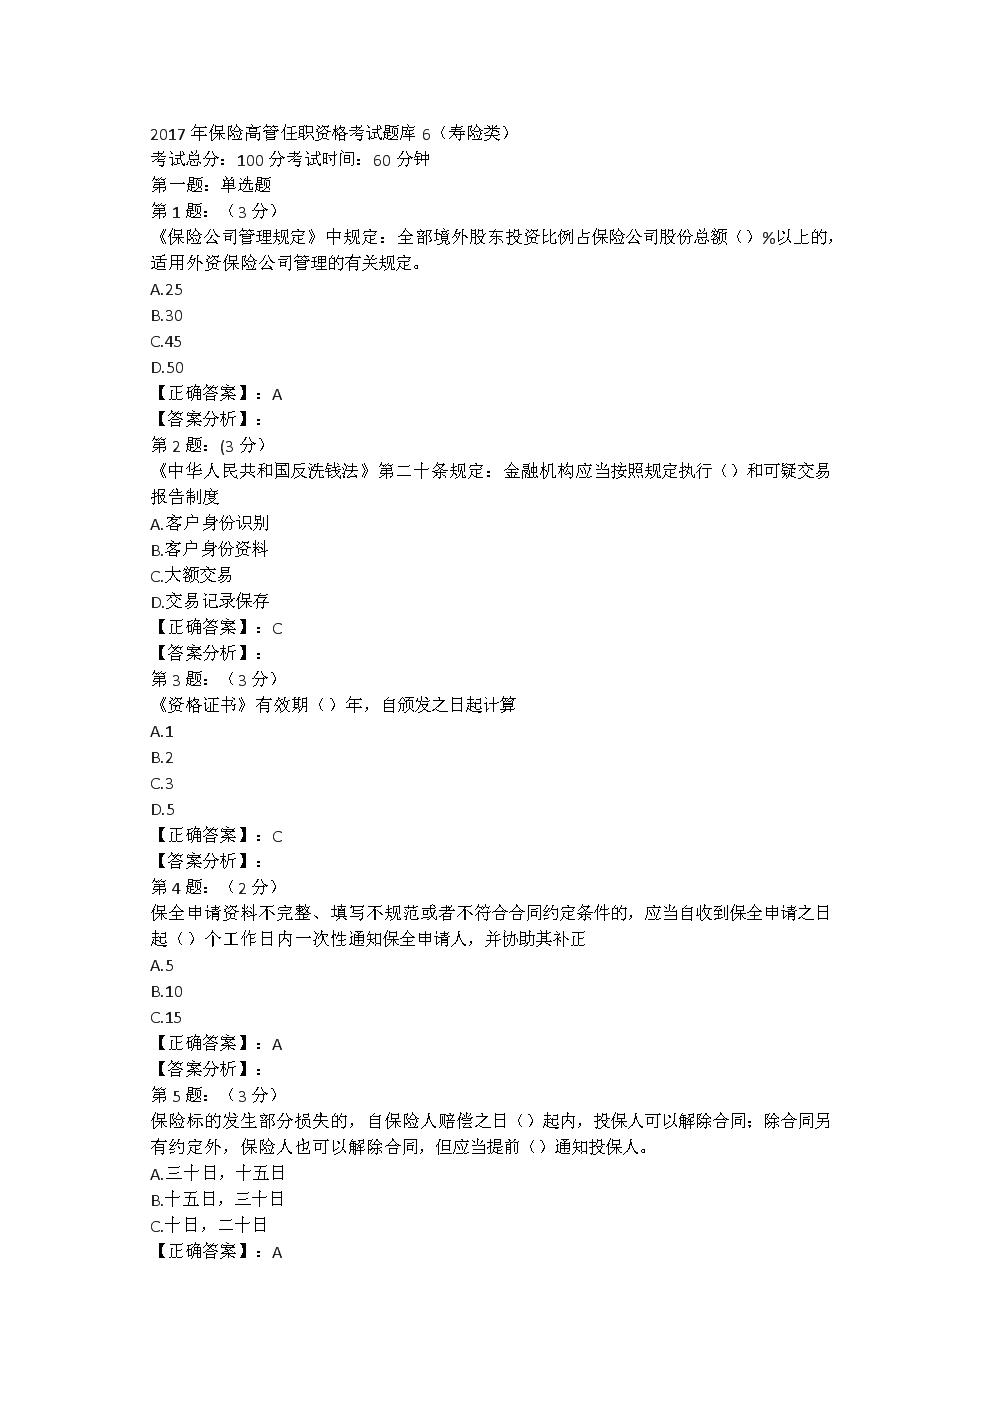 2018年保险高管考练习题库6(寿险类).docx